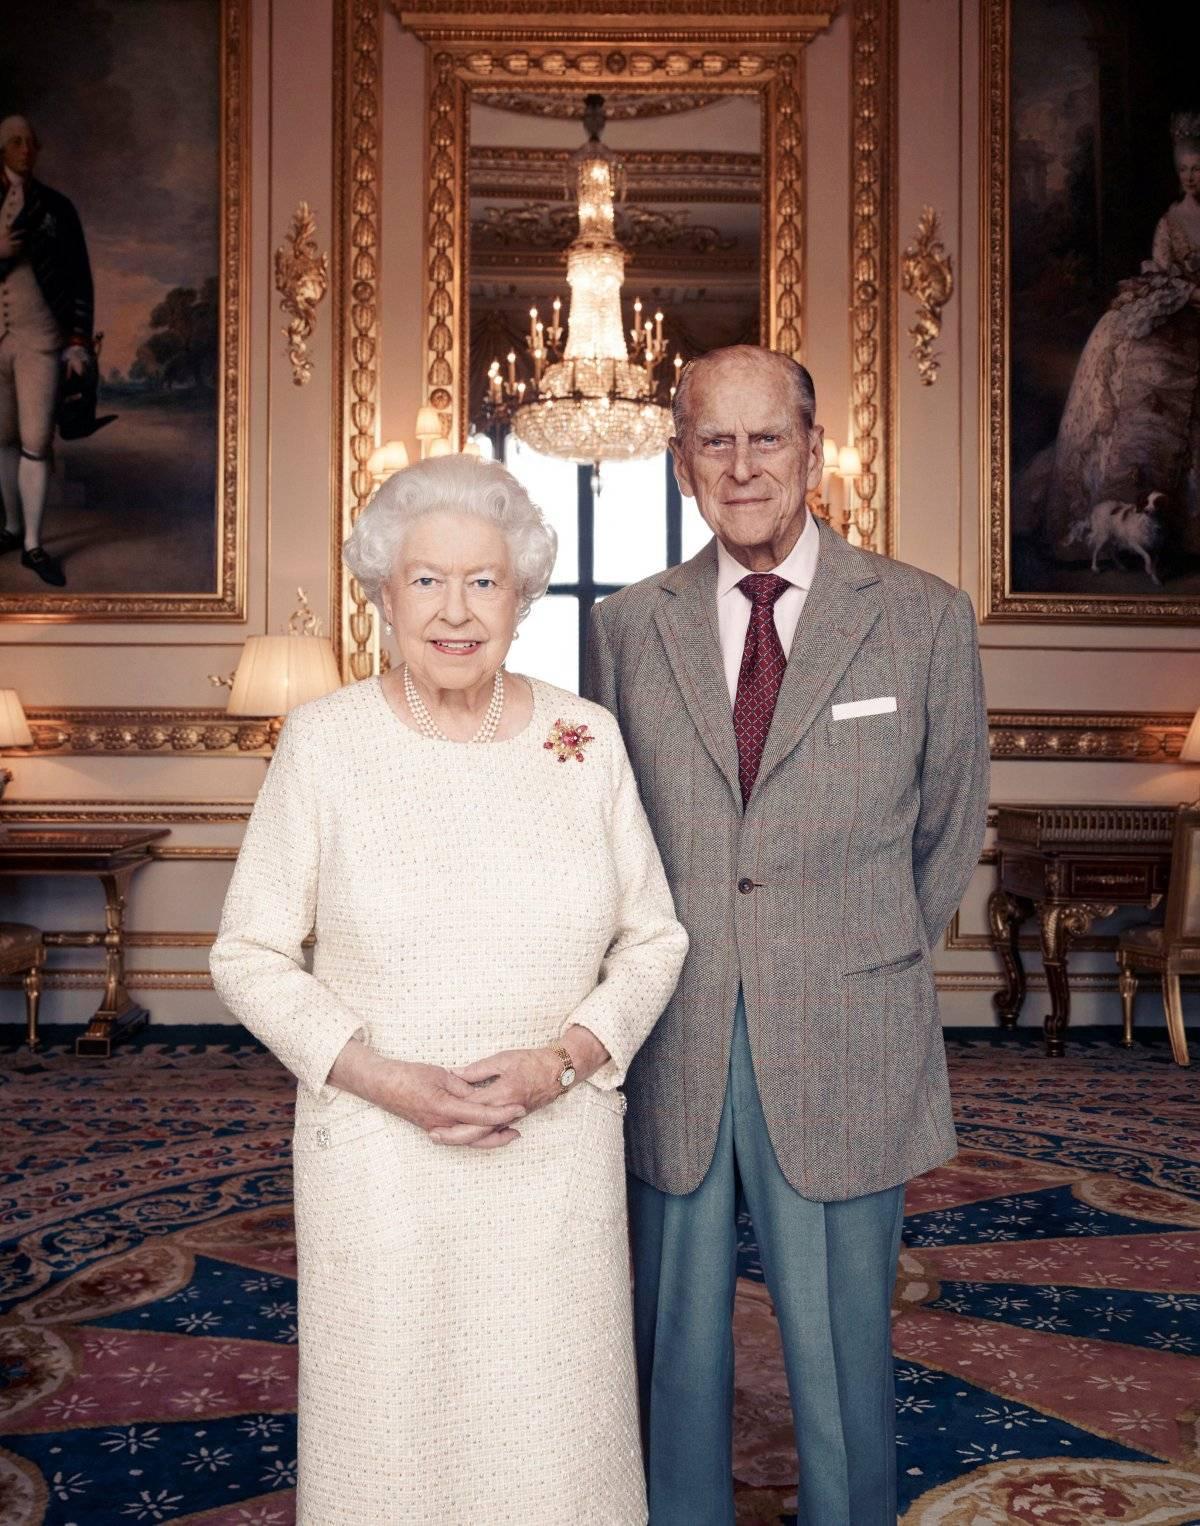 Rainha Elizabeth e príncipe Philip 70 anos de casados